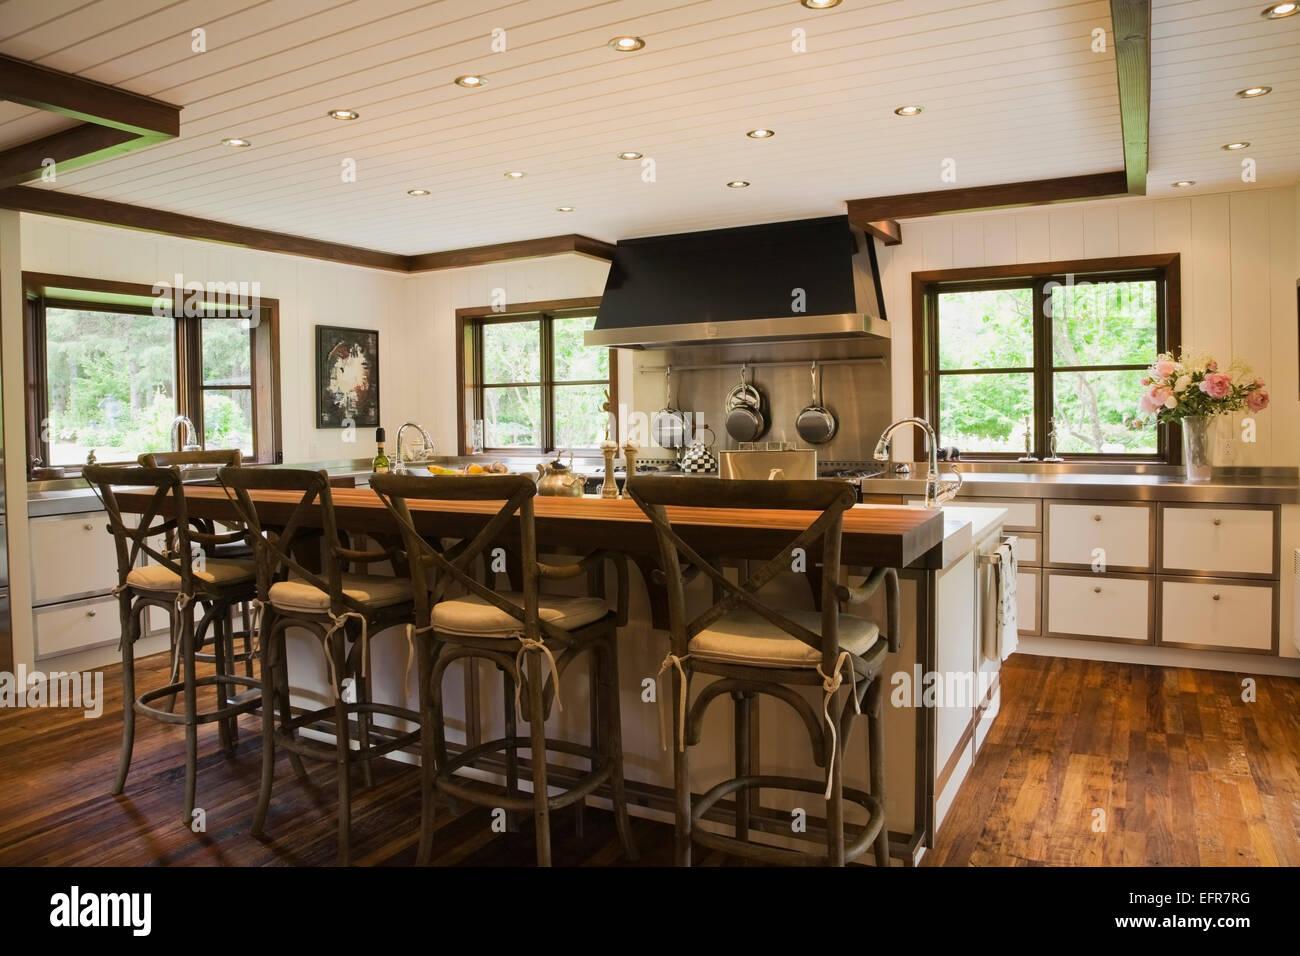 Modern Interior Design Luxury Country Style Kitchen With Kitchen